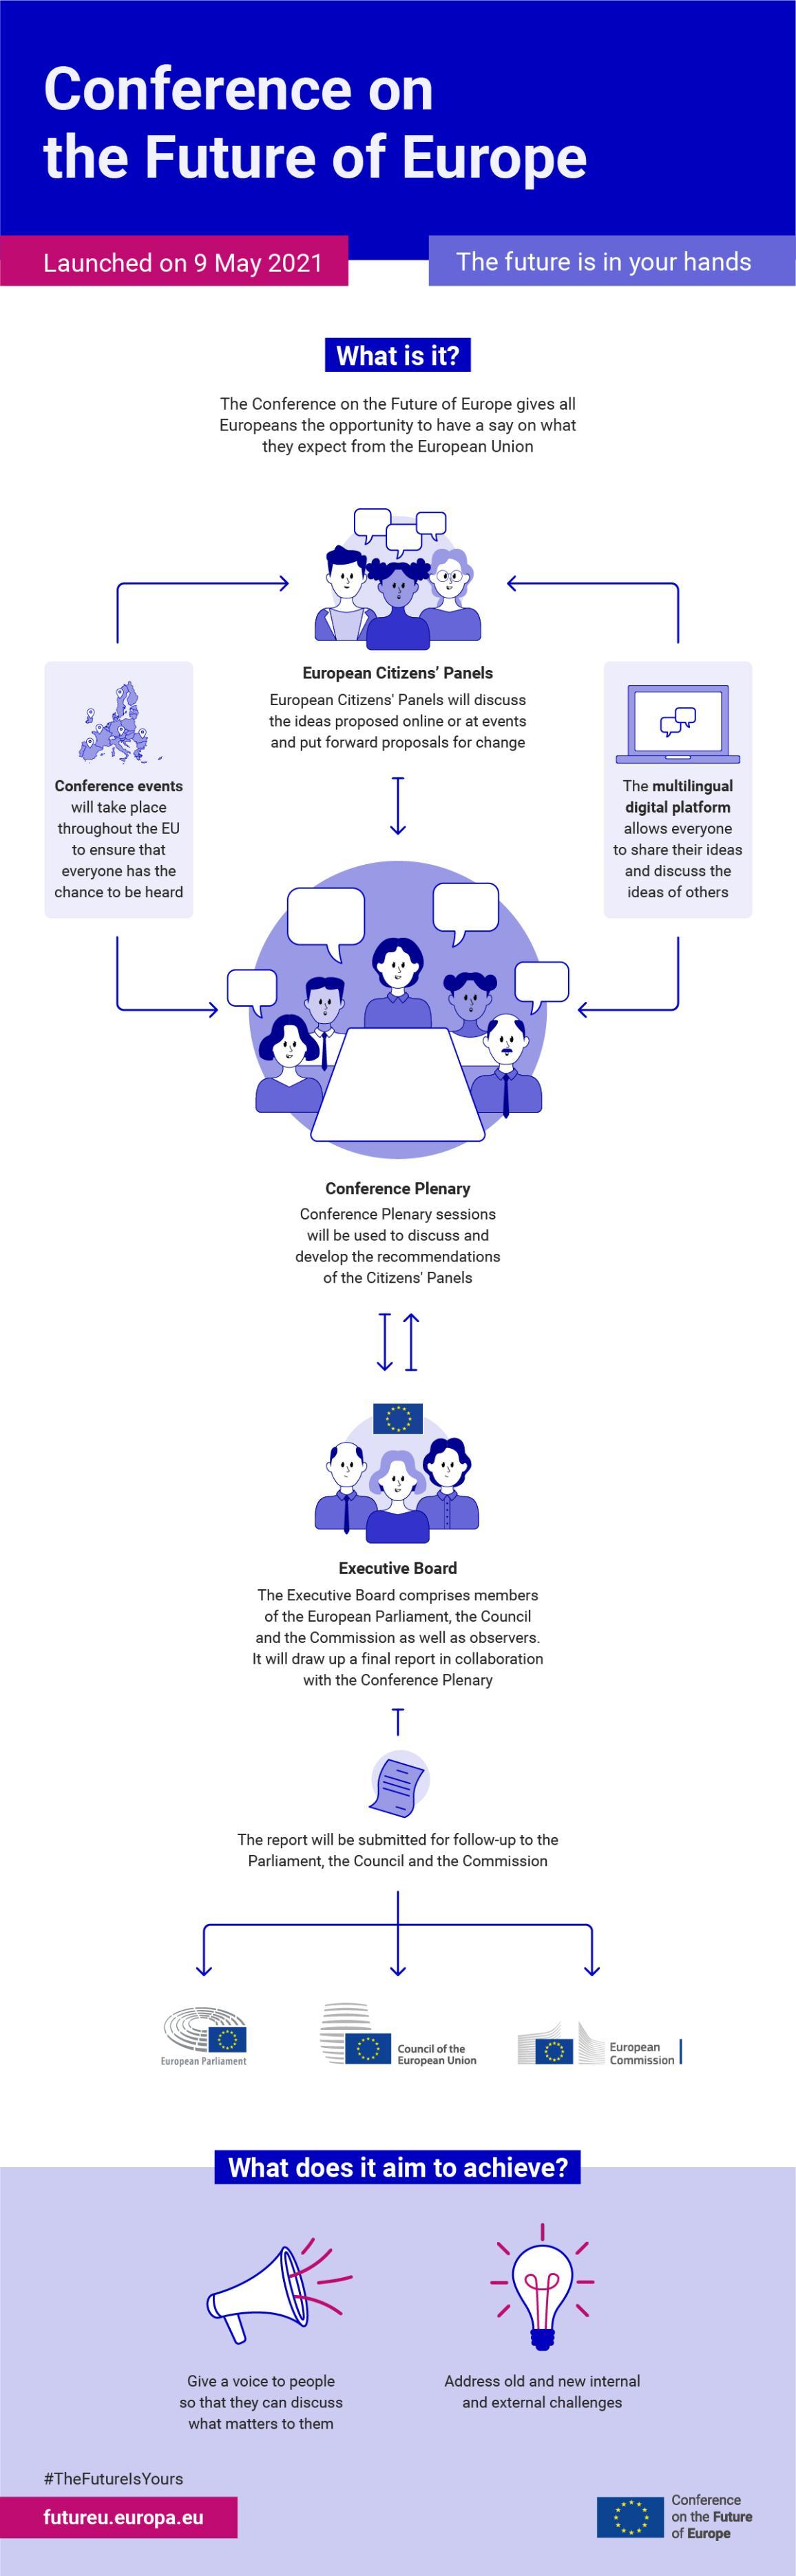 Infografiese uiteensetting van die konferensie oor die toekoms van Europa